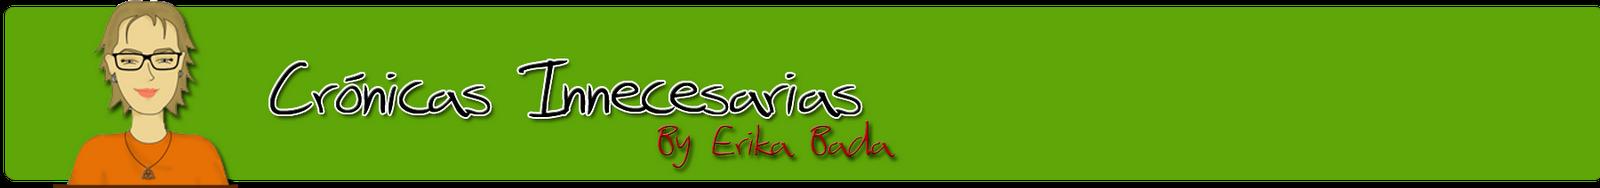 Crónicas Innecesarias By Erika Bada